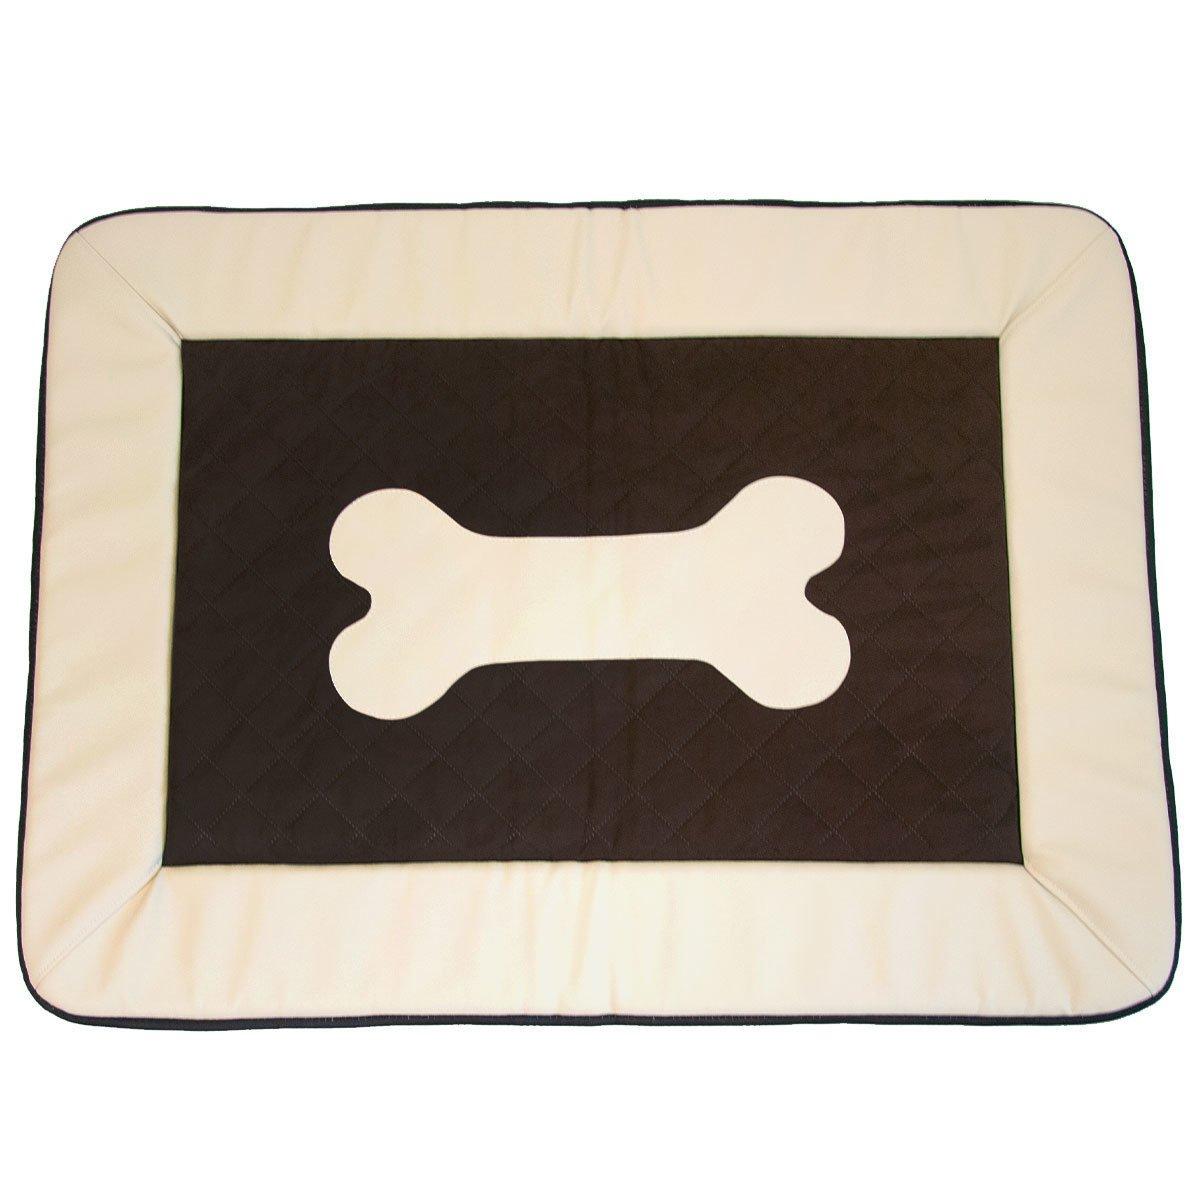 wauweich Hundematte mit Knochen-Motiv, Bild 3